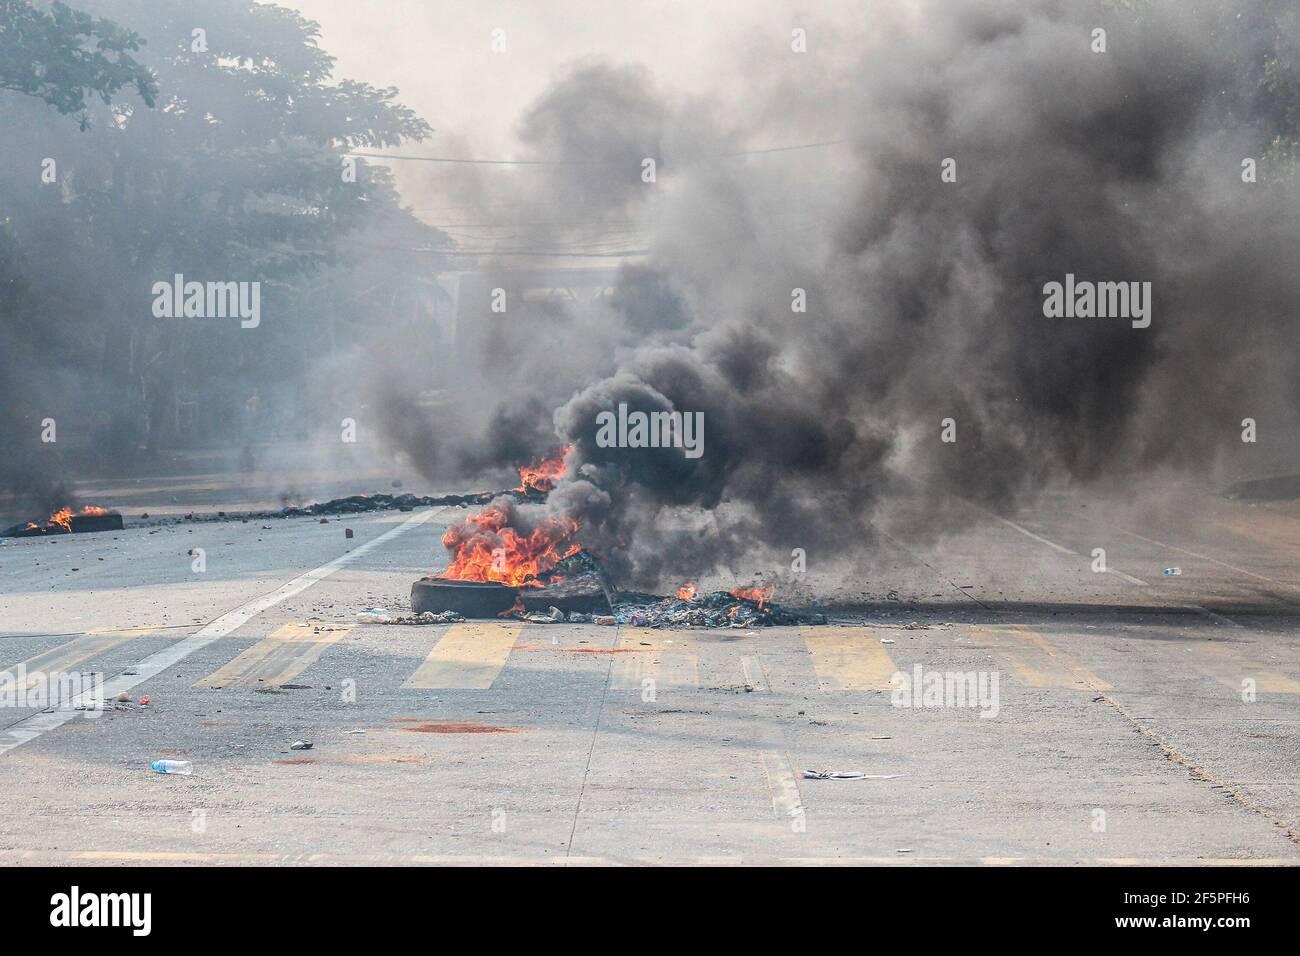 Pneumatici brucianti visti nel mezzo della strada per impedire alla polizia e ai militari di raggiungere i manifestanti antidemocratici durante una protesta contro il colpo di stato militare. La polizia e i soldati militari del Myanmar (tatmadow) hanno attaccato i dimostranti con proiettili di gomma, munizioni vive, Lacrima di gas e bombe stordite in risposta ai manifestanti anti anti-militari del colpo di stato il sabato, uccidendo più di 90 persone e ferendo molte altre. Almeno 300 persone sono state uccise in Myanmar dal colpo di Stato del 1° febbraio, ha affermato un funzionario delle Nazioni Unite per i diritti umani. Il Consigliere militare di Myanmar detenuto lo scorso febbraio da Aung San Suu Kyi Foto Stock